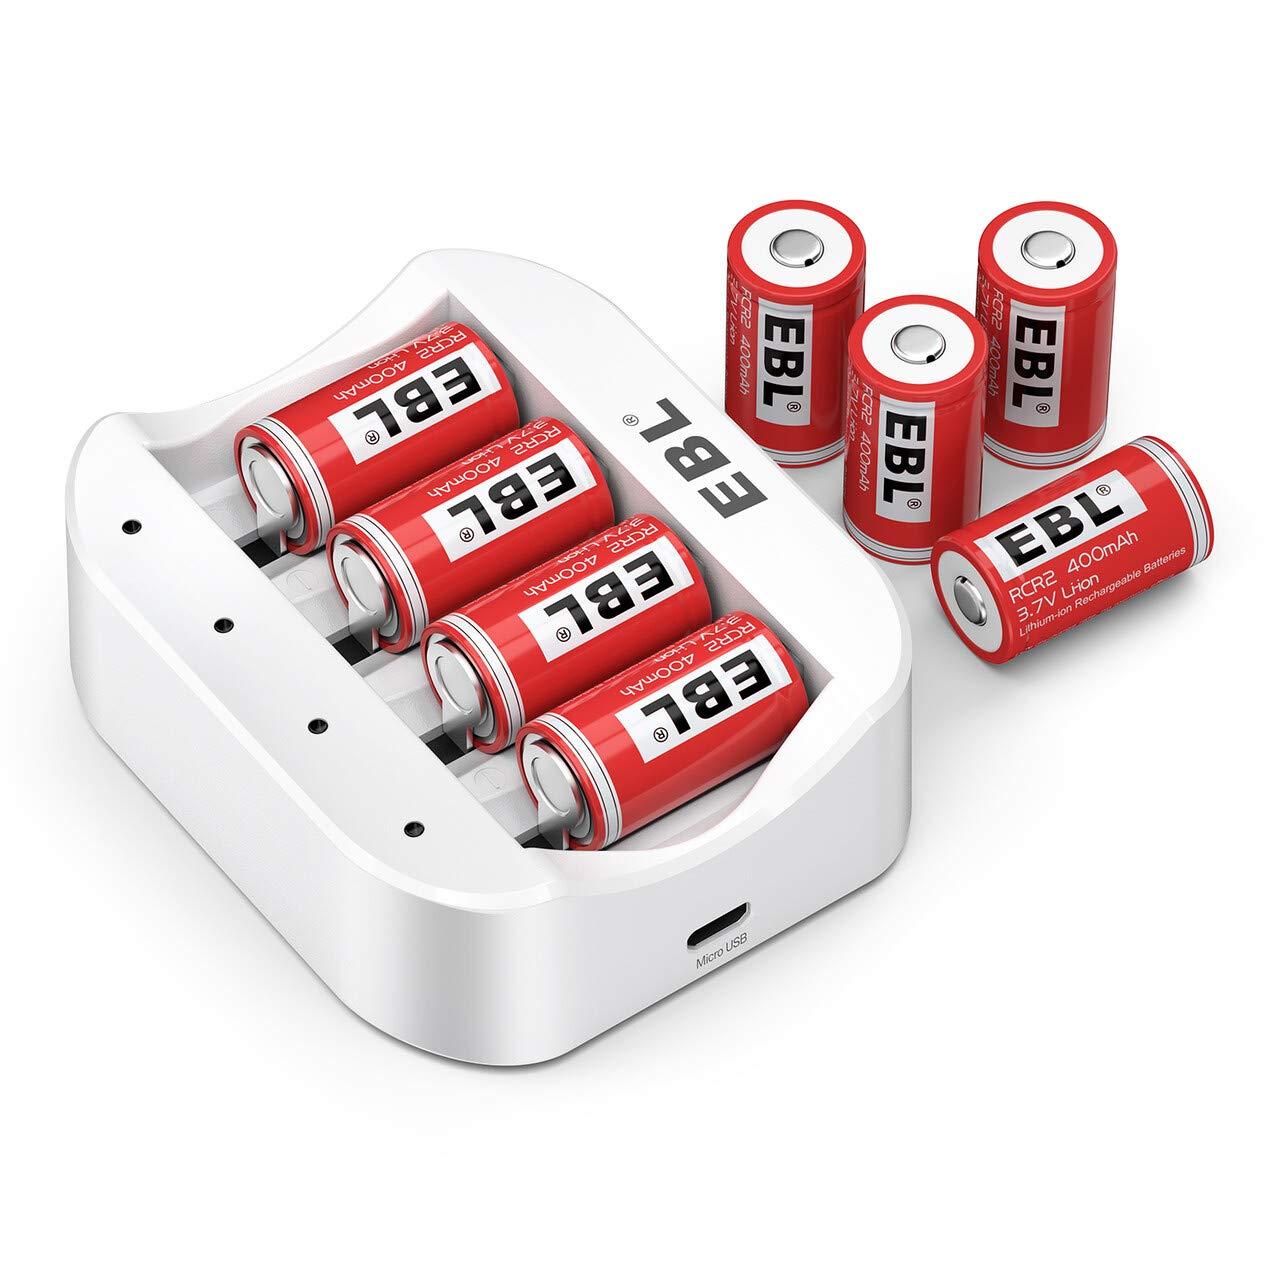 EBL CR2 Rechargeable Batteries, 3.7V Lithium Photo Batteries 8 Pack with Rechargeable Battery Charger by EBL